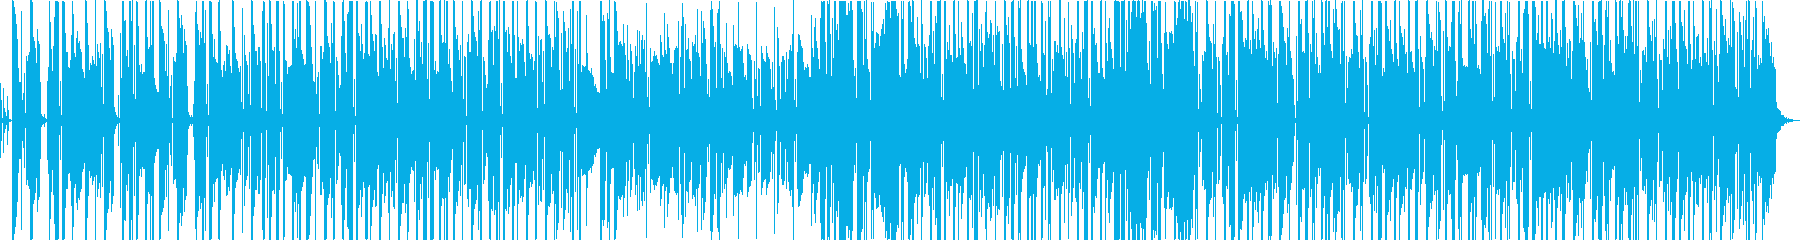 企業VP、説明、CM、POP、Vlogの再生済みの波形